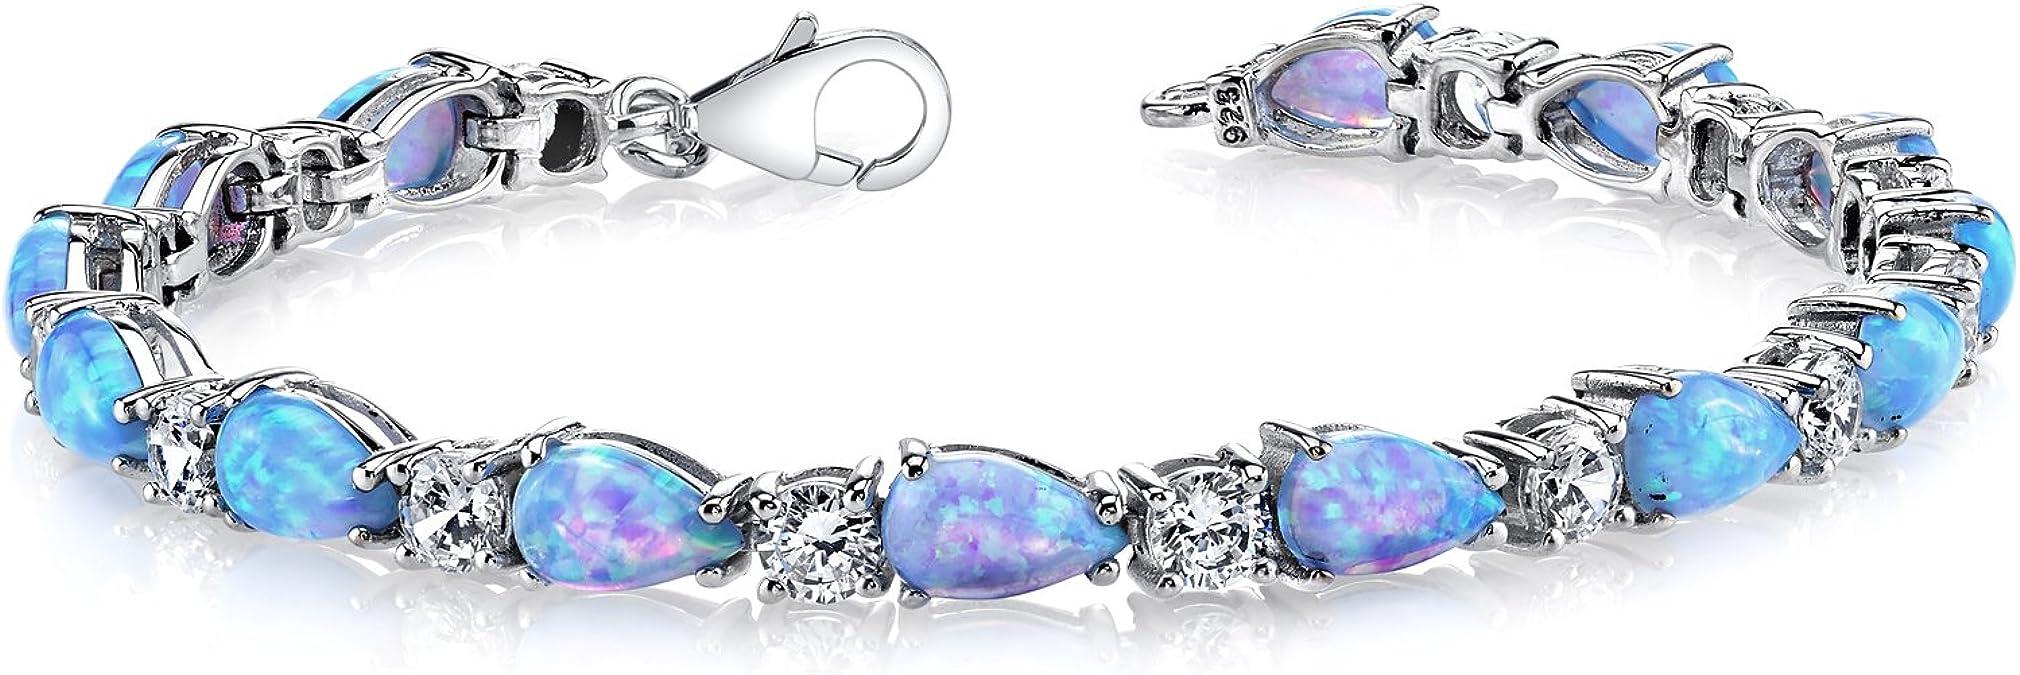 Details about  /Natural Gemstone 925 Sterling Silver 6x4 mm Oval Emerald /& Iolite Snake Bracelet